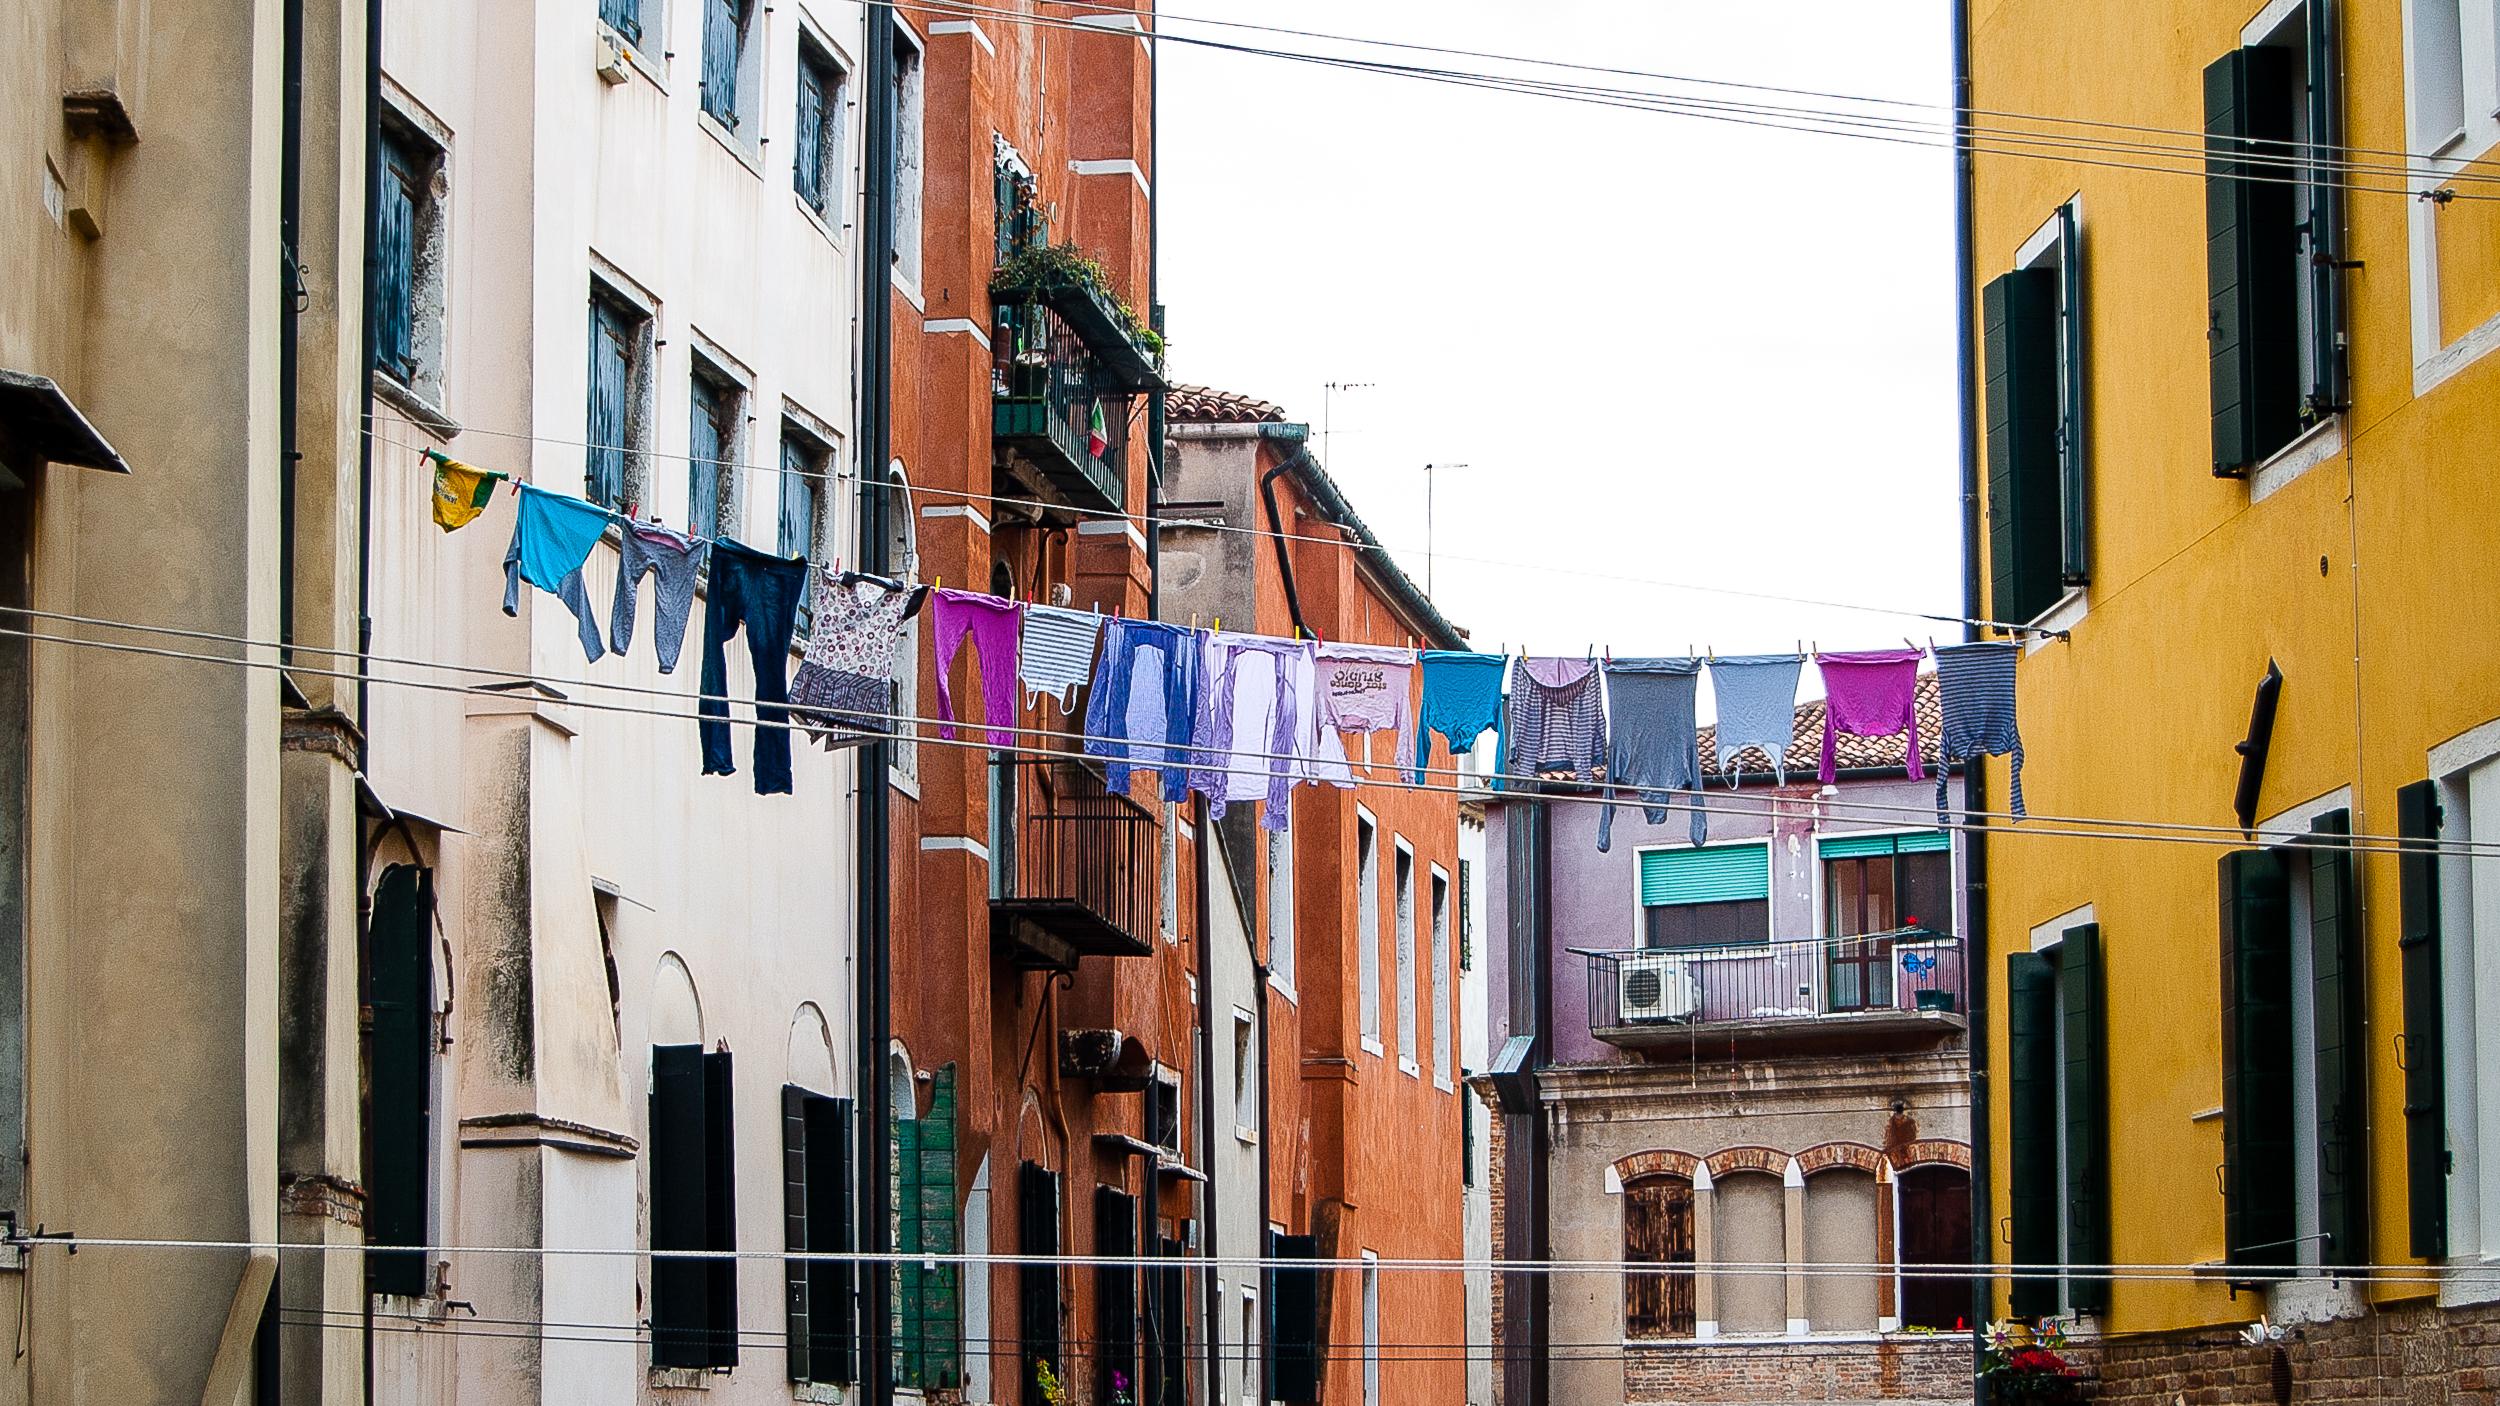 Venice Italy Laundry